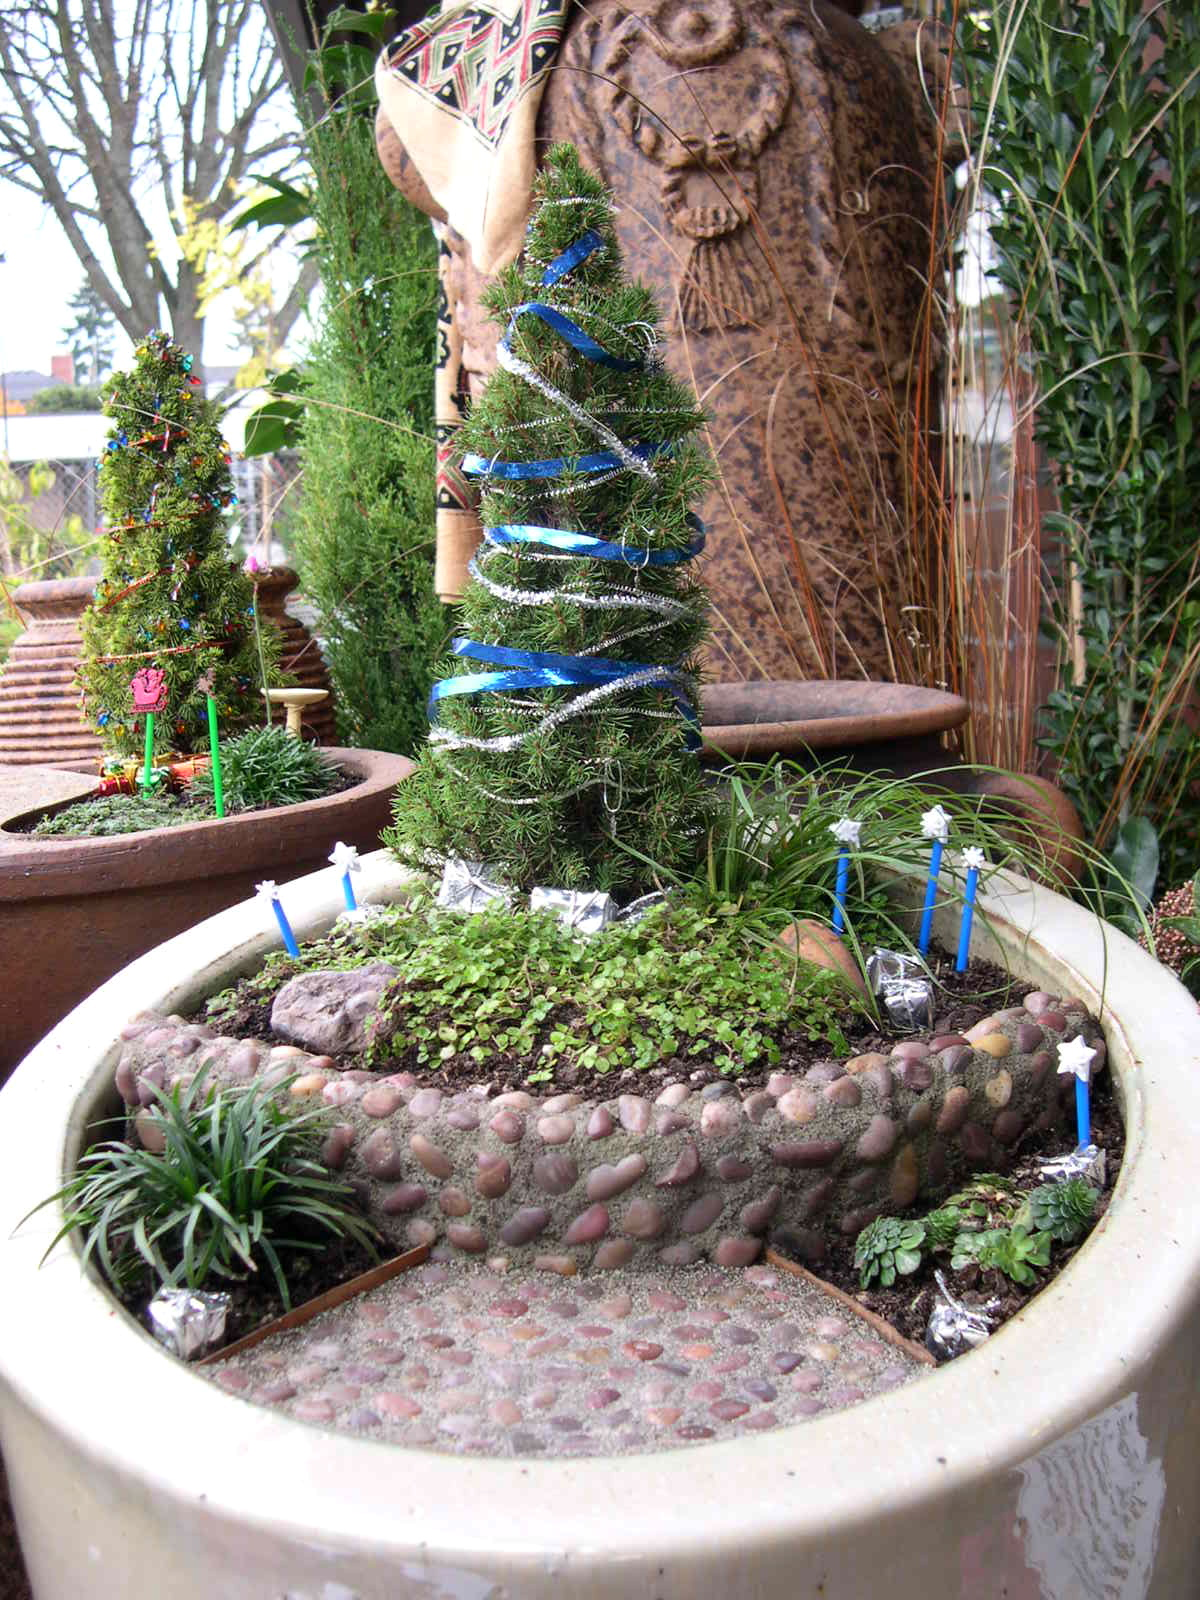 enfeites para mini jardim : enfeites para mini jardim:Pedacinho de Jardim: Mini jardins natalinos